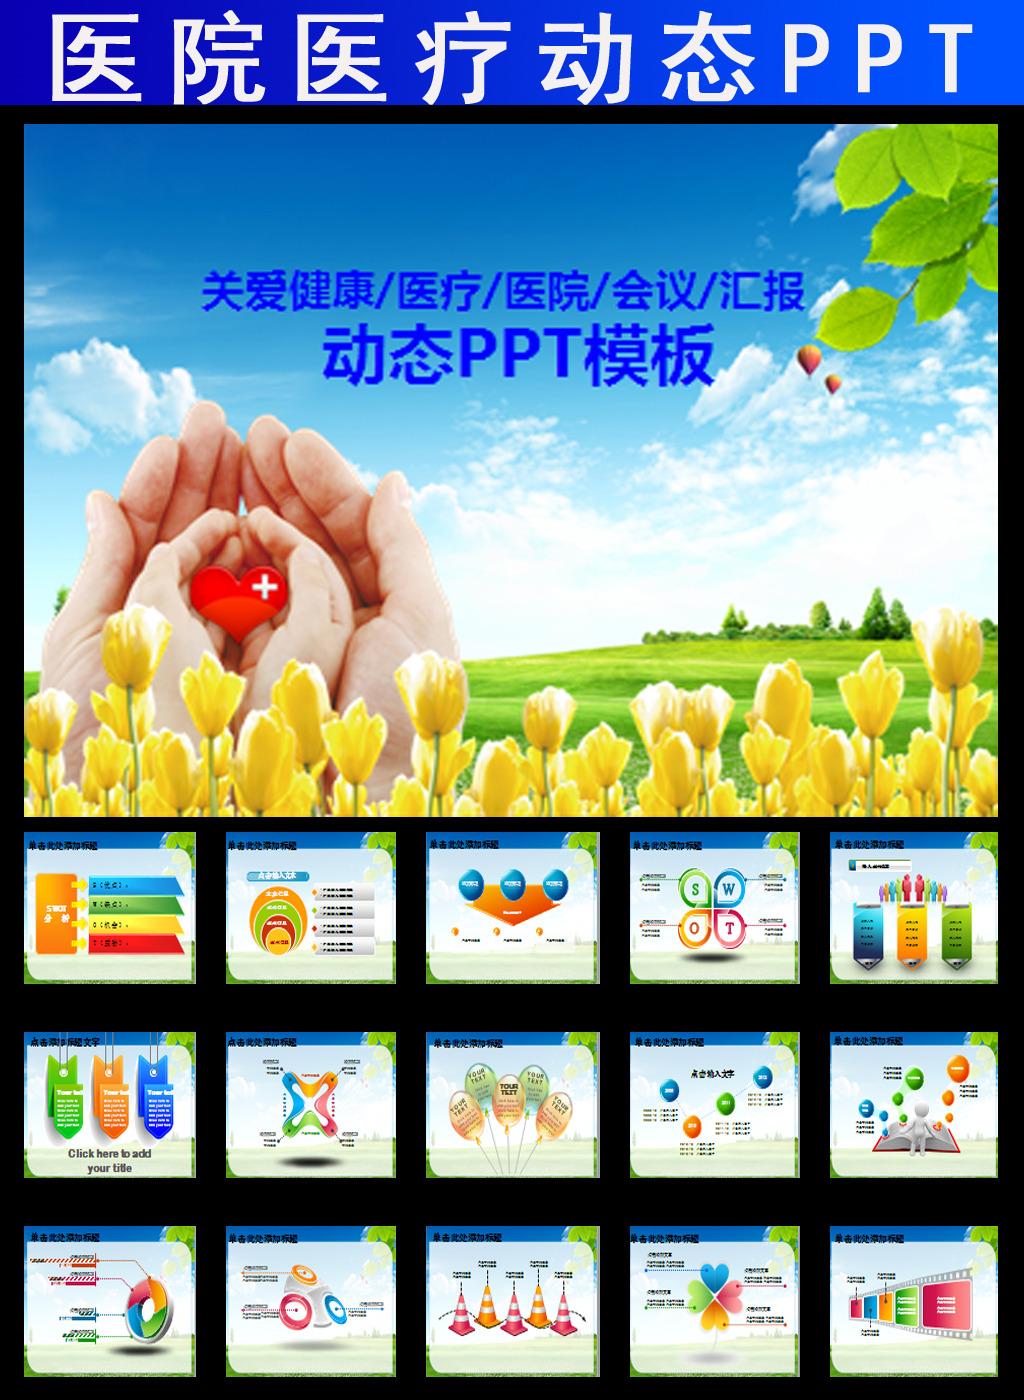 关爱健康医院医疗医生卫生动态ppt模板图片